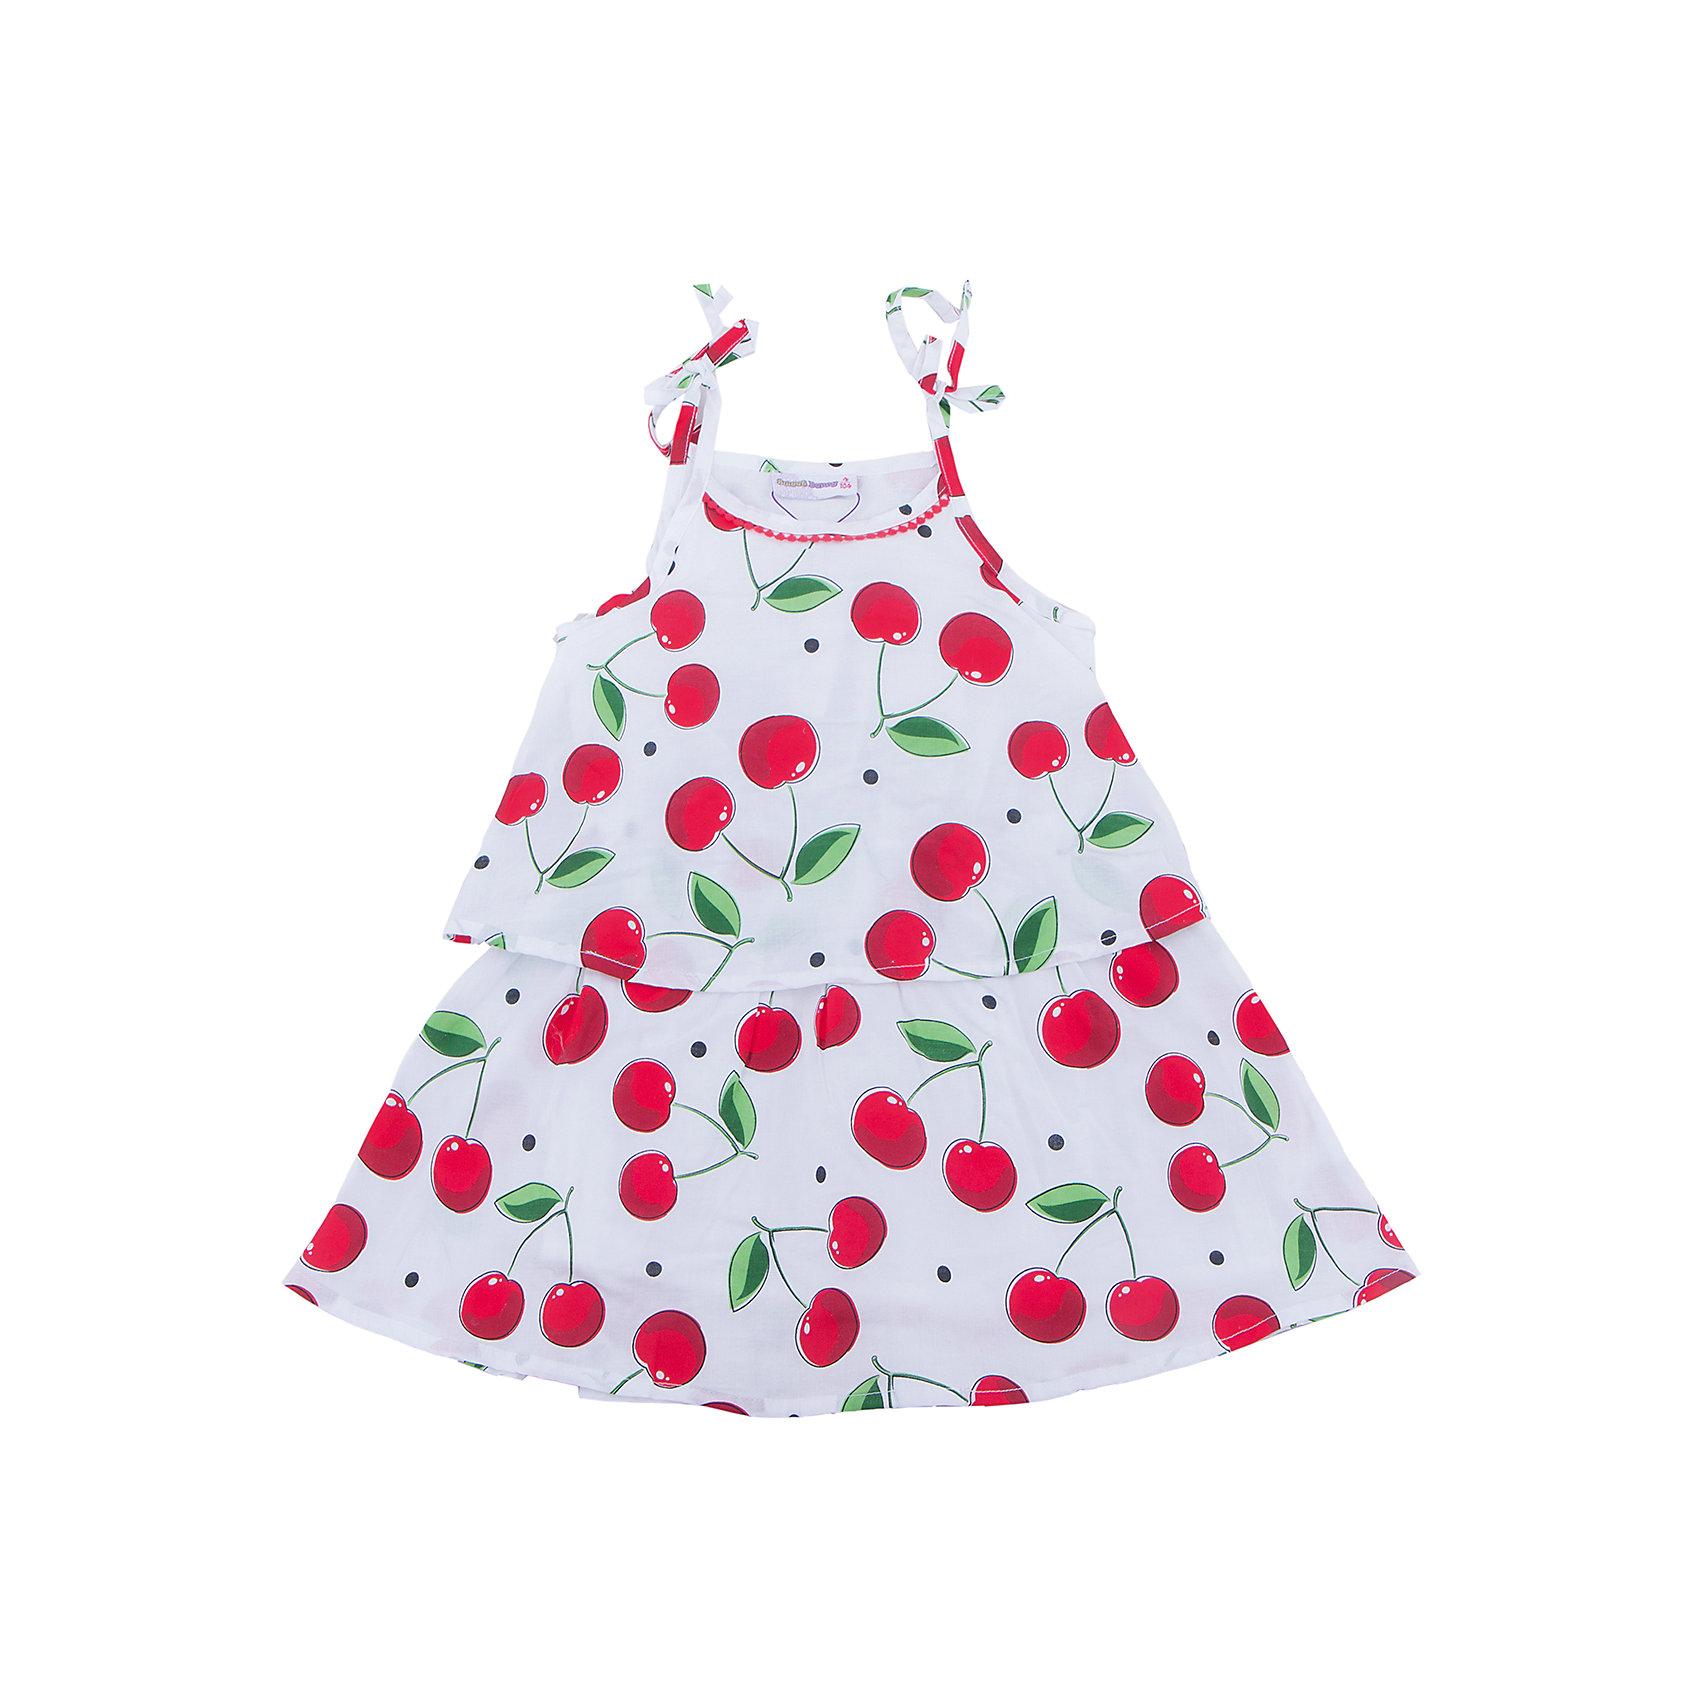 Платье для девочки Sweet BerryЛетние платья и сарафаны<br>Хлопковое платье для девочки из принтованной ткани на регулируемых бретелях. Свободный крой.<br>Состав:<br>Верх: 100% хлопок  Подкладка: 100% хлопок<br><br>Ширина мм: 236<br>Глубина мм: 16<br>Высота мм: 184<br>Вес г: 177<br>Цвет: белый<br>Возраст от месяцев: 24<br>Возраст до месяцев: 36<br>Пол: Женский<br>Возраст: Детский<br>Размер: 98,104,128,122,116,110<br>SKU: 5410108